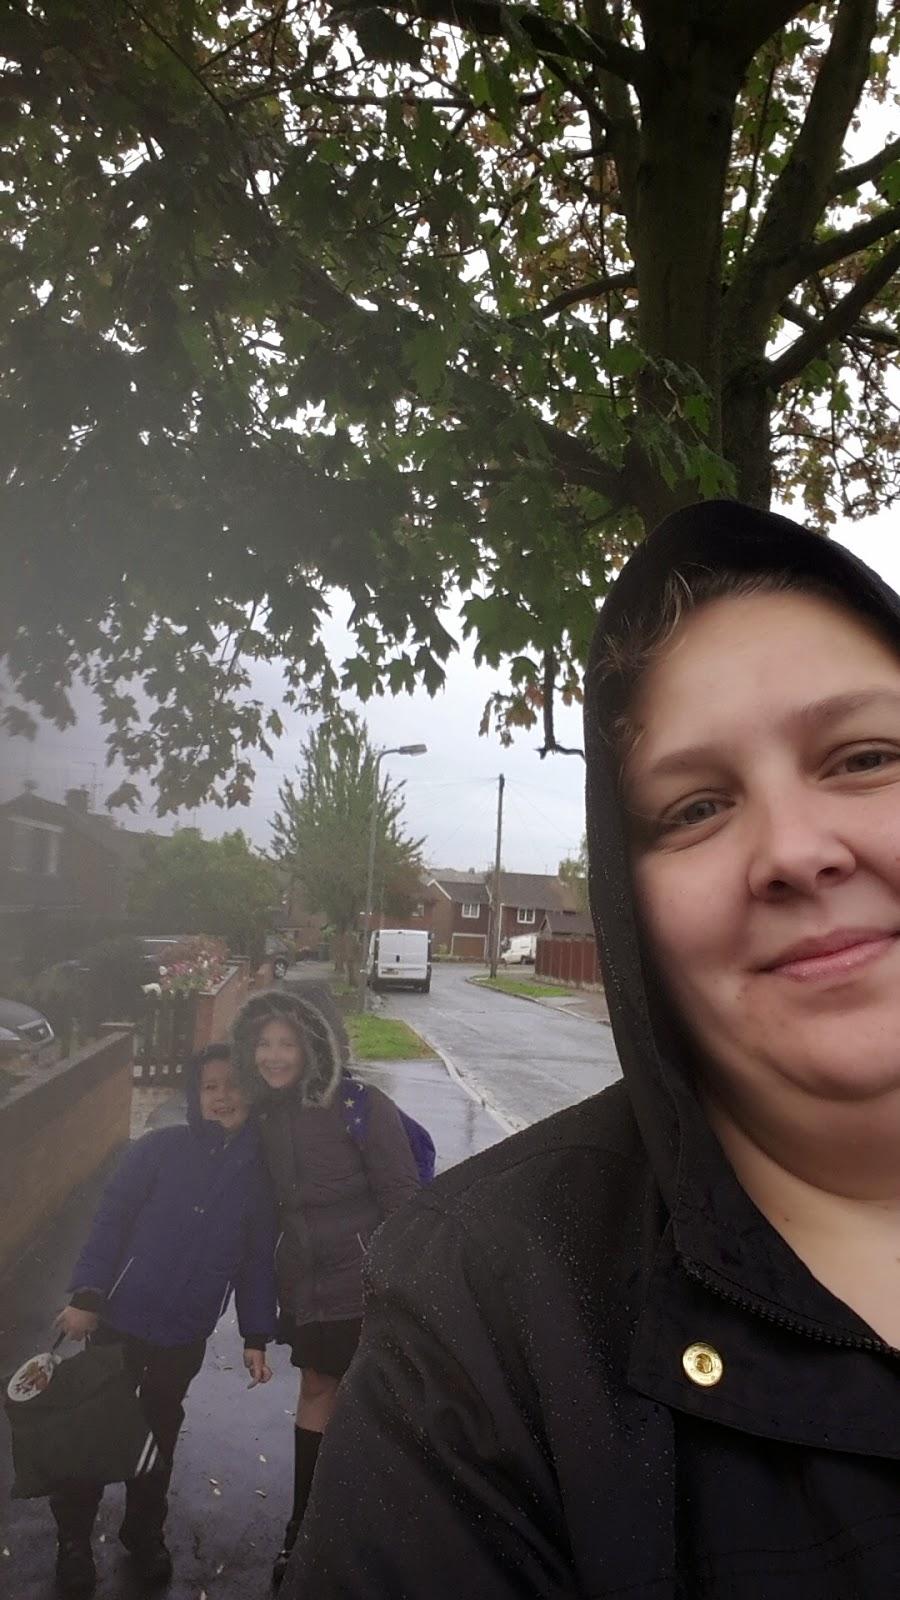 on the way to School selfie